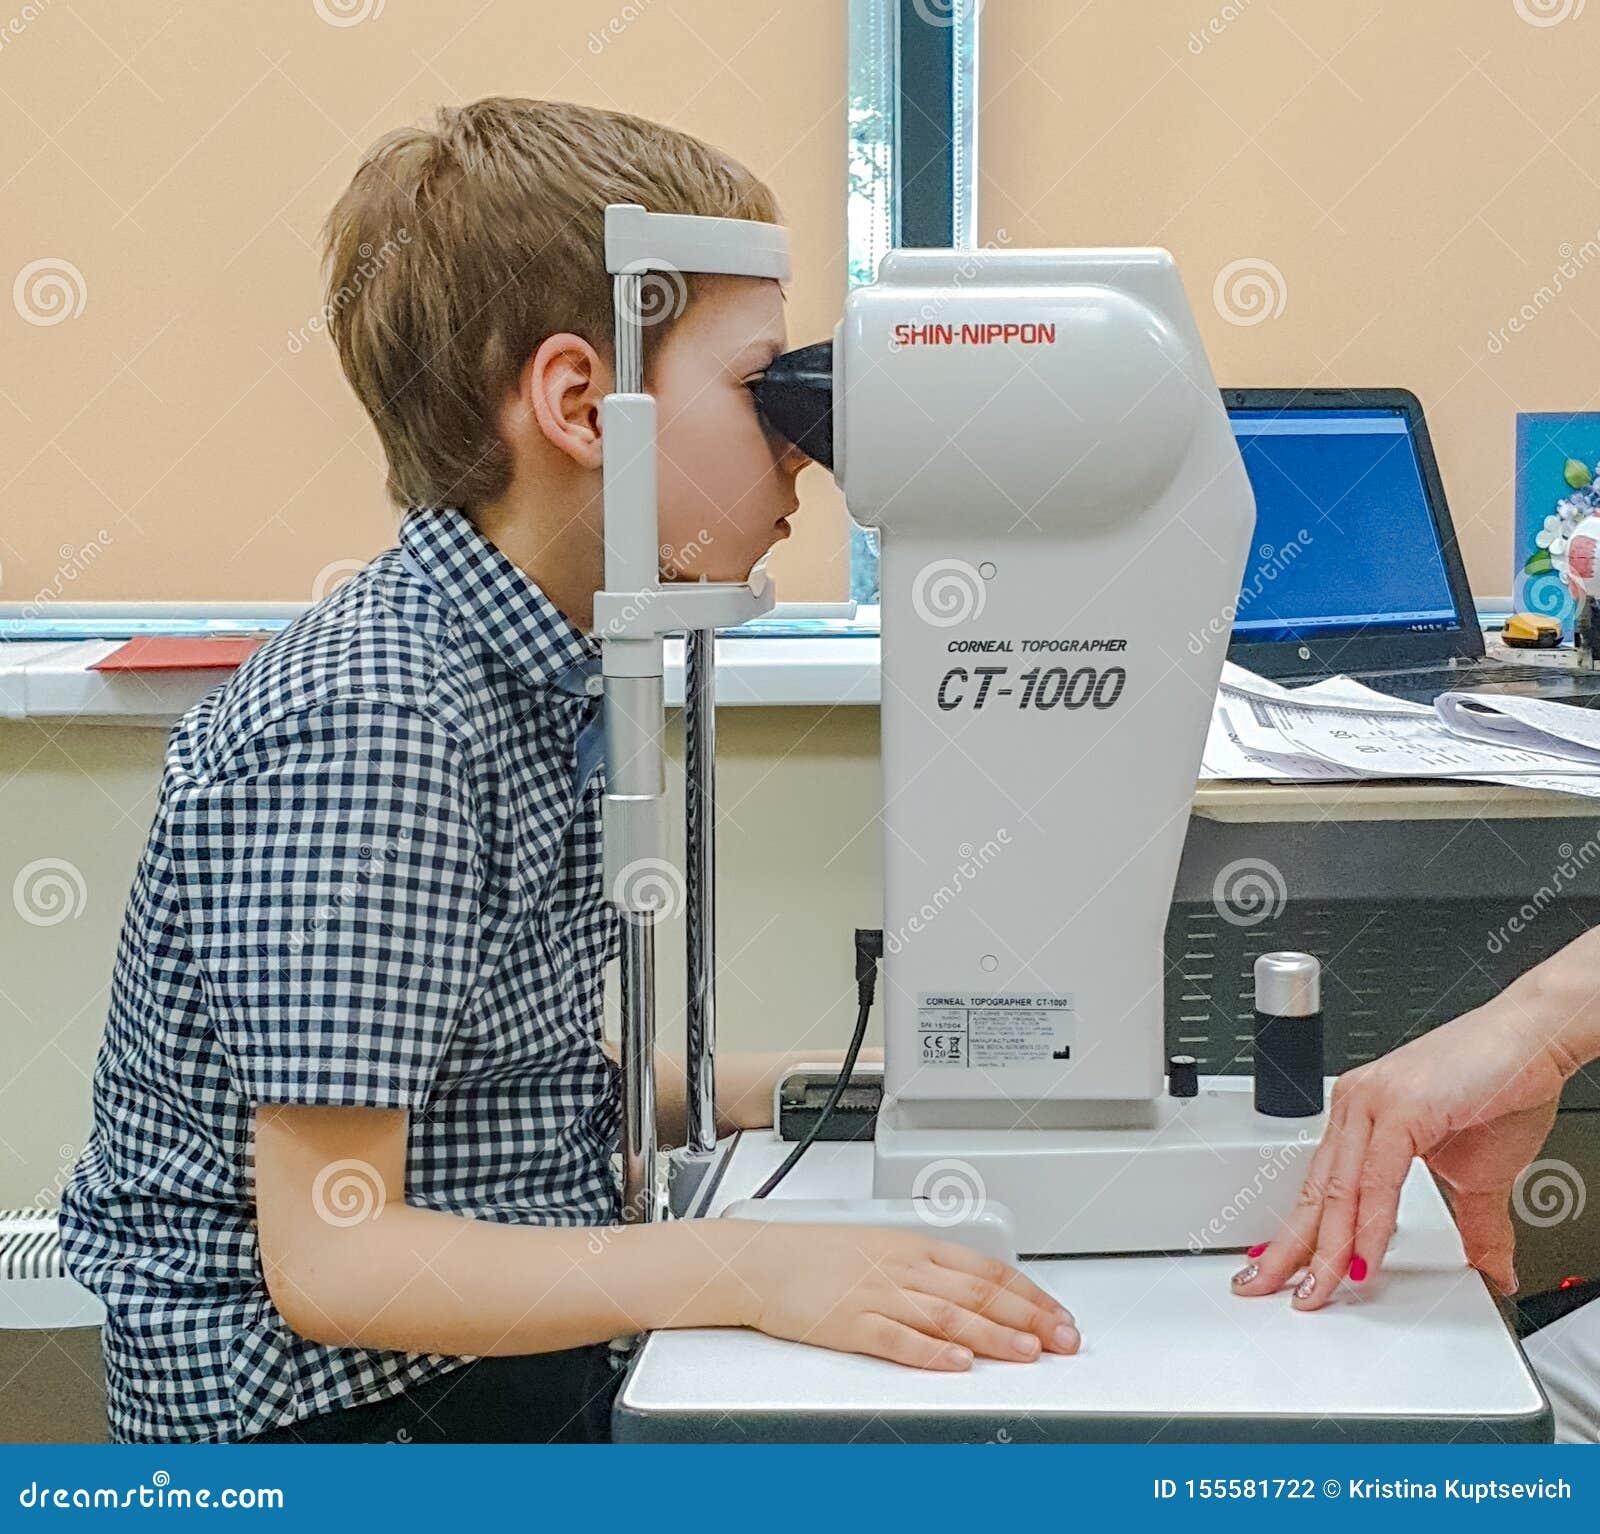 Moskou, Rusland - Mei 20, 2019: Een jongen bij een benoeming met een oftalmoloog controleert visie op het apparaat Kindgezondheid